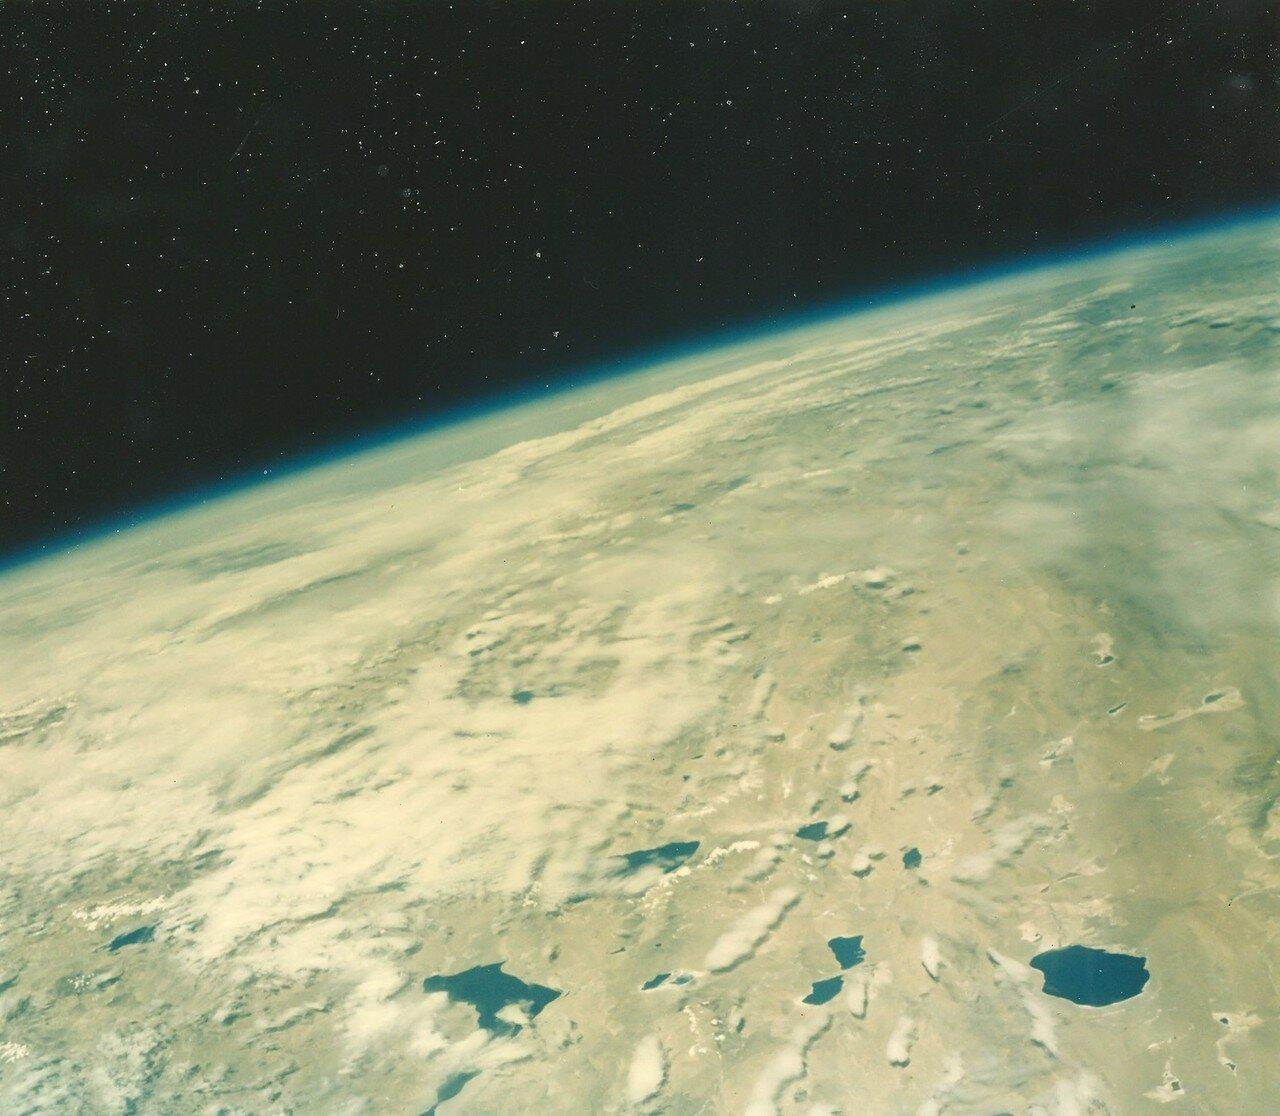 24. 1963. 15 мая. Снимок Земли из космоса, сделанный Гордоном Купером во время полета на «Меркурии-Атласе»-9 (Faith 7)